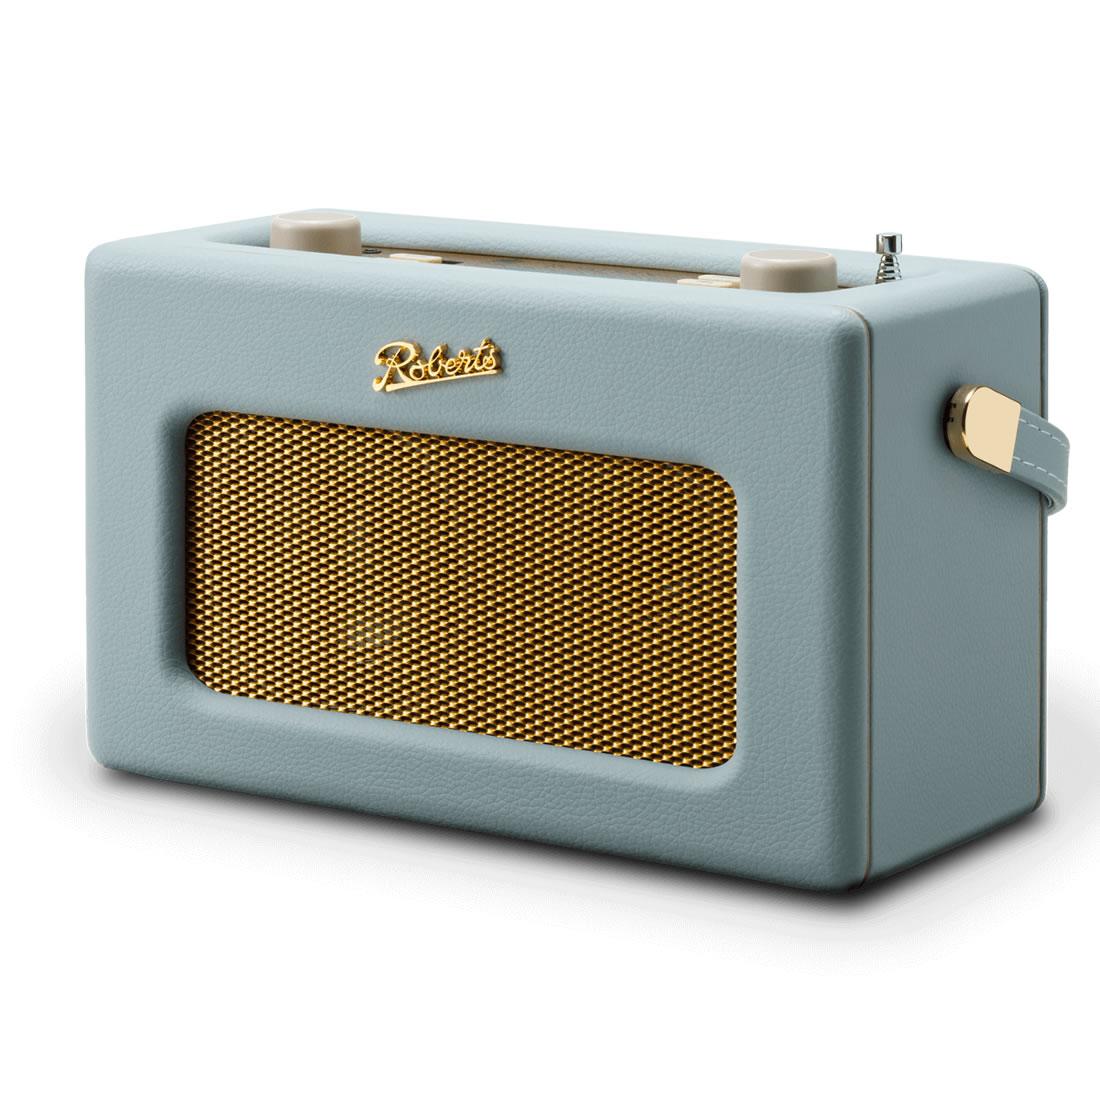 DAB/DAB+/FM RDS & WiFi Internet Radio Duck Egg Blue